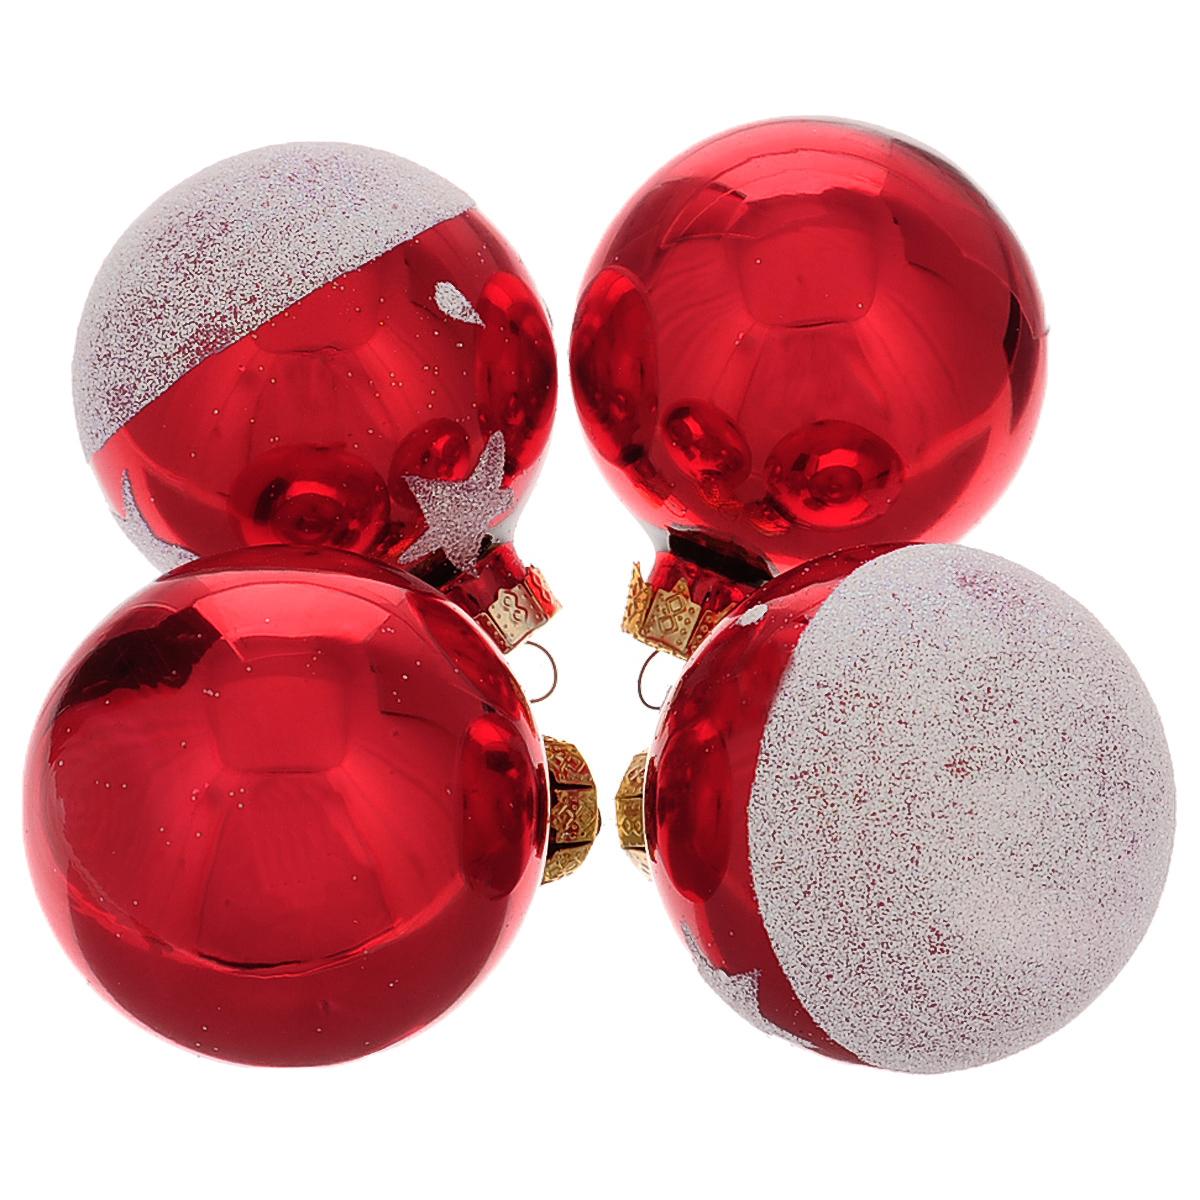 Набор новогодних подвесных украшений Шар, цвет: серебристый, красный, диаметр 6 см, 4 шт. 3448434484Набор новогодних подвесных украшений Шар прекрасно подойдет для праздничного декора новогодней ели. Состоит из четырех шаров.Елочная игрушка - символ Нового года. Она несет в себе волшебство и красоту праздника. Создайте в своем доме атмосферу веселья и радости, украшая новогоднюю елку нарядными игрушками, которые будут из года в год накапливать теплоту воспоминаний. Коллекция декоративных украшений принесет в ваш дом ни с чем несравнимое ощущение волшебства! Откройте для себя удивительный мир сказок и грез. Почувствуйте волшебные минуты ожидания праздника, создайте новогоднее настроение вашим дорогим и близким.